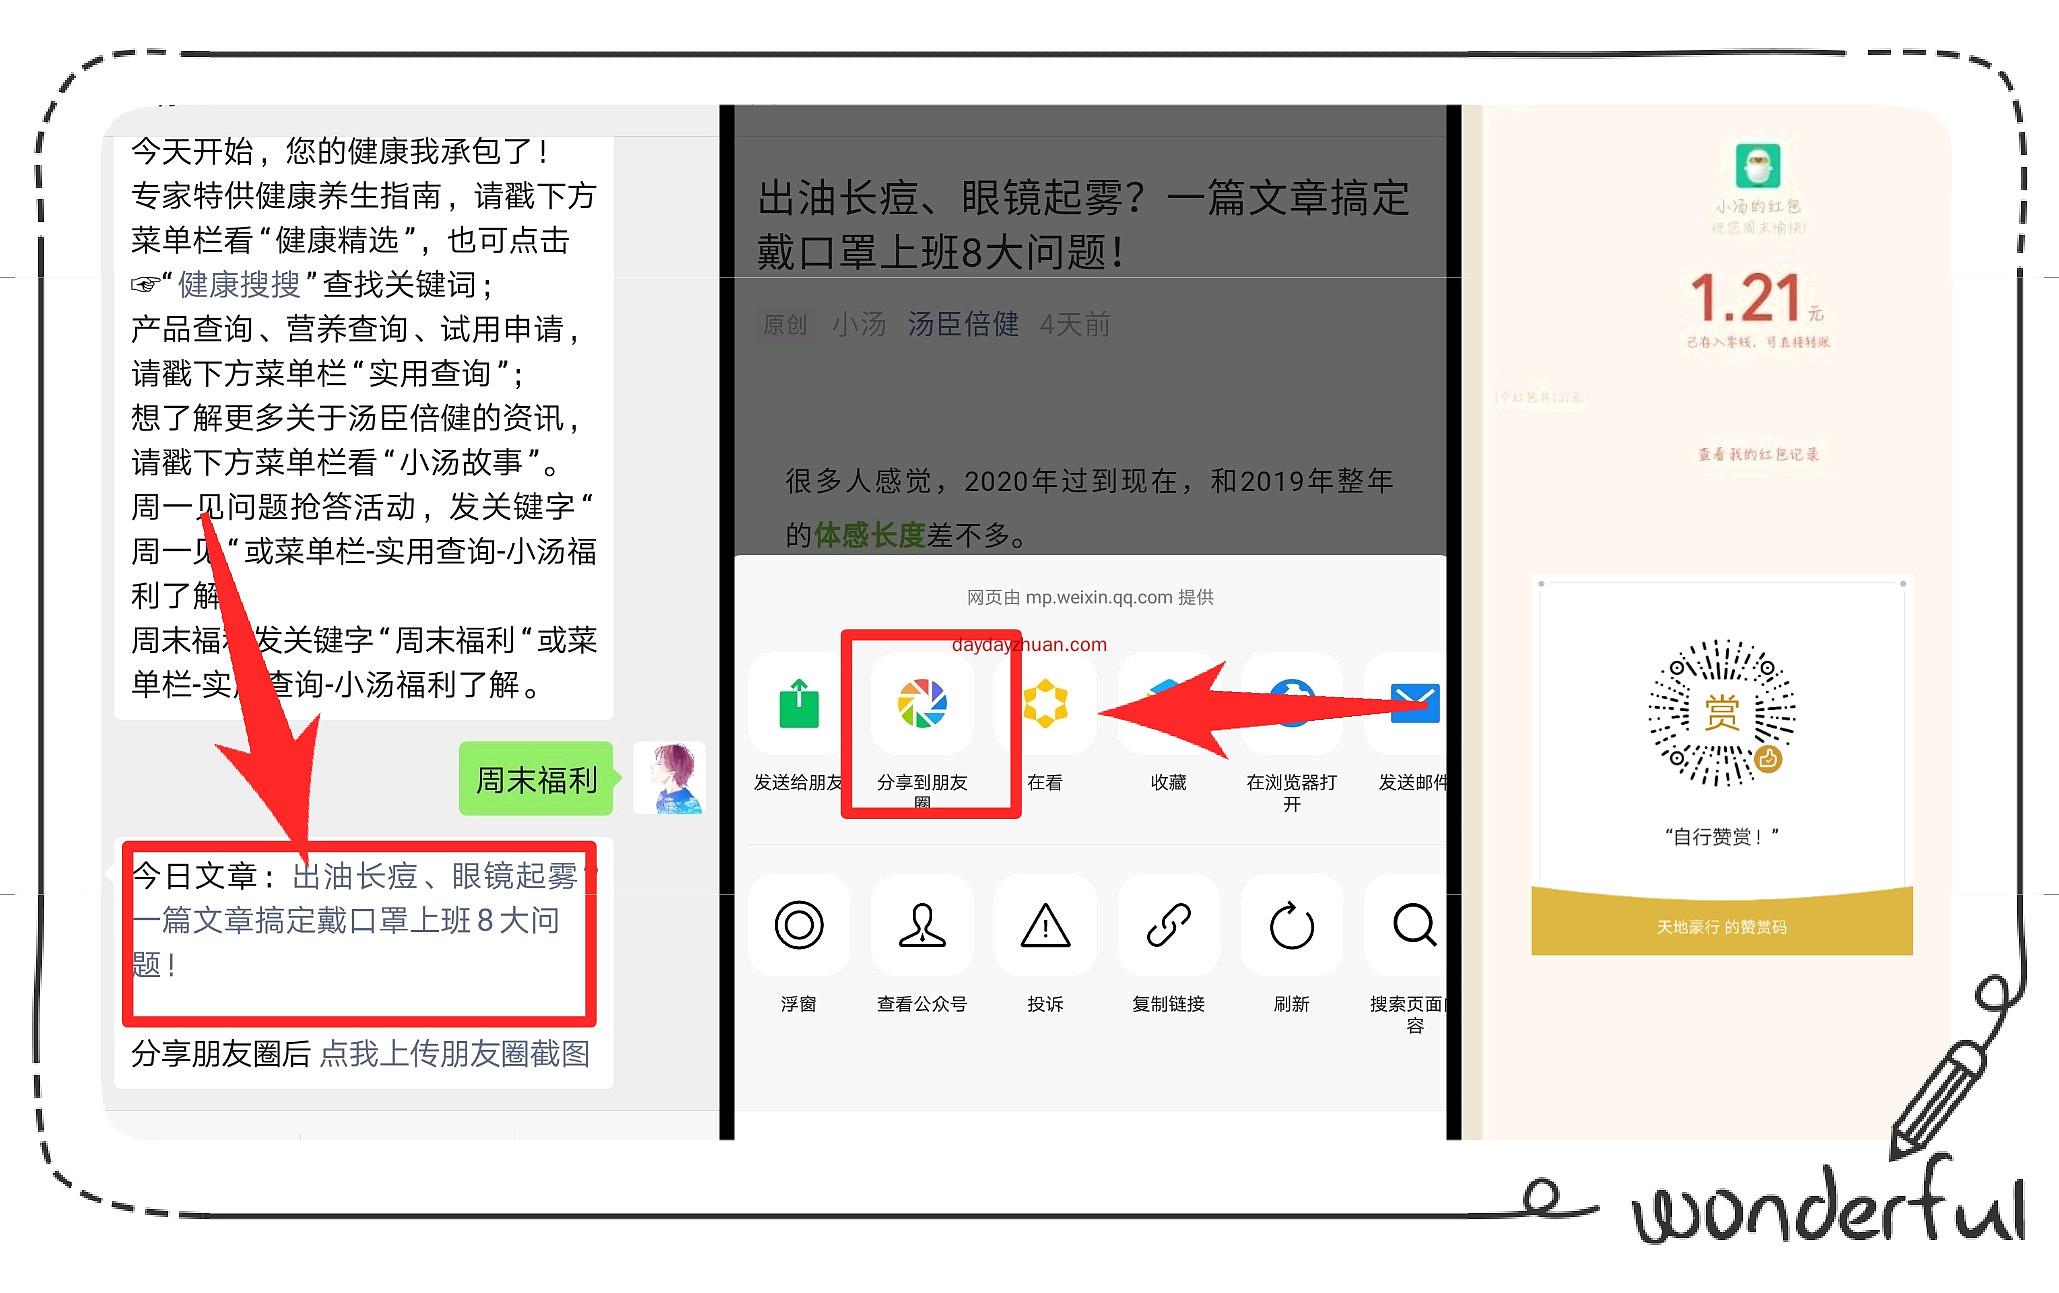 微信汤臣倍健亲测1.21元  第1张